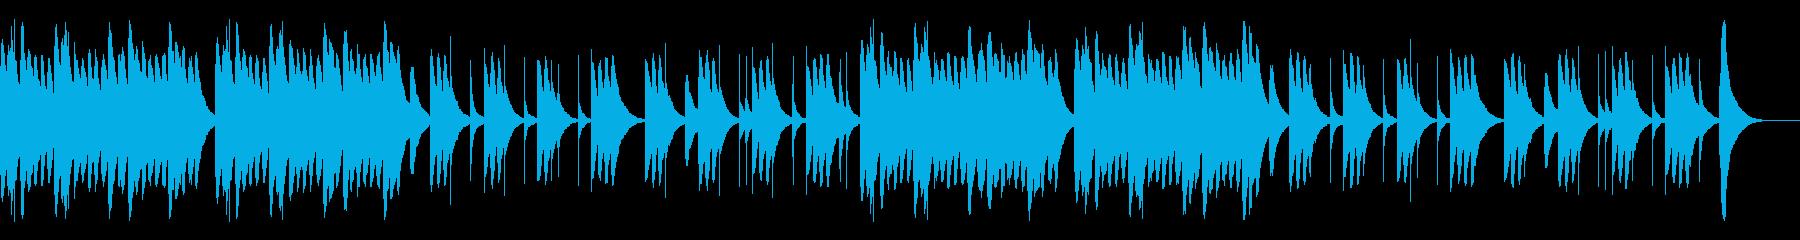 オルゴールによる可愛らしくて切ないBGMの再生済みの波形